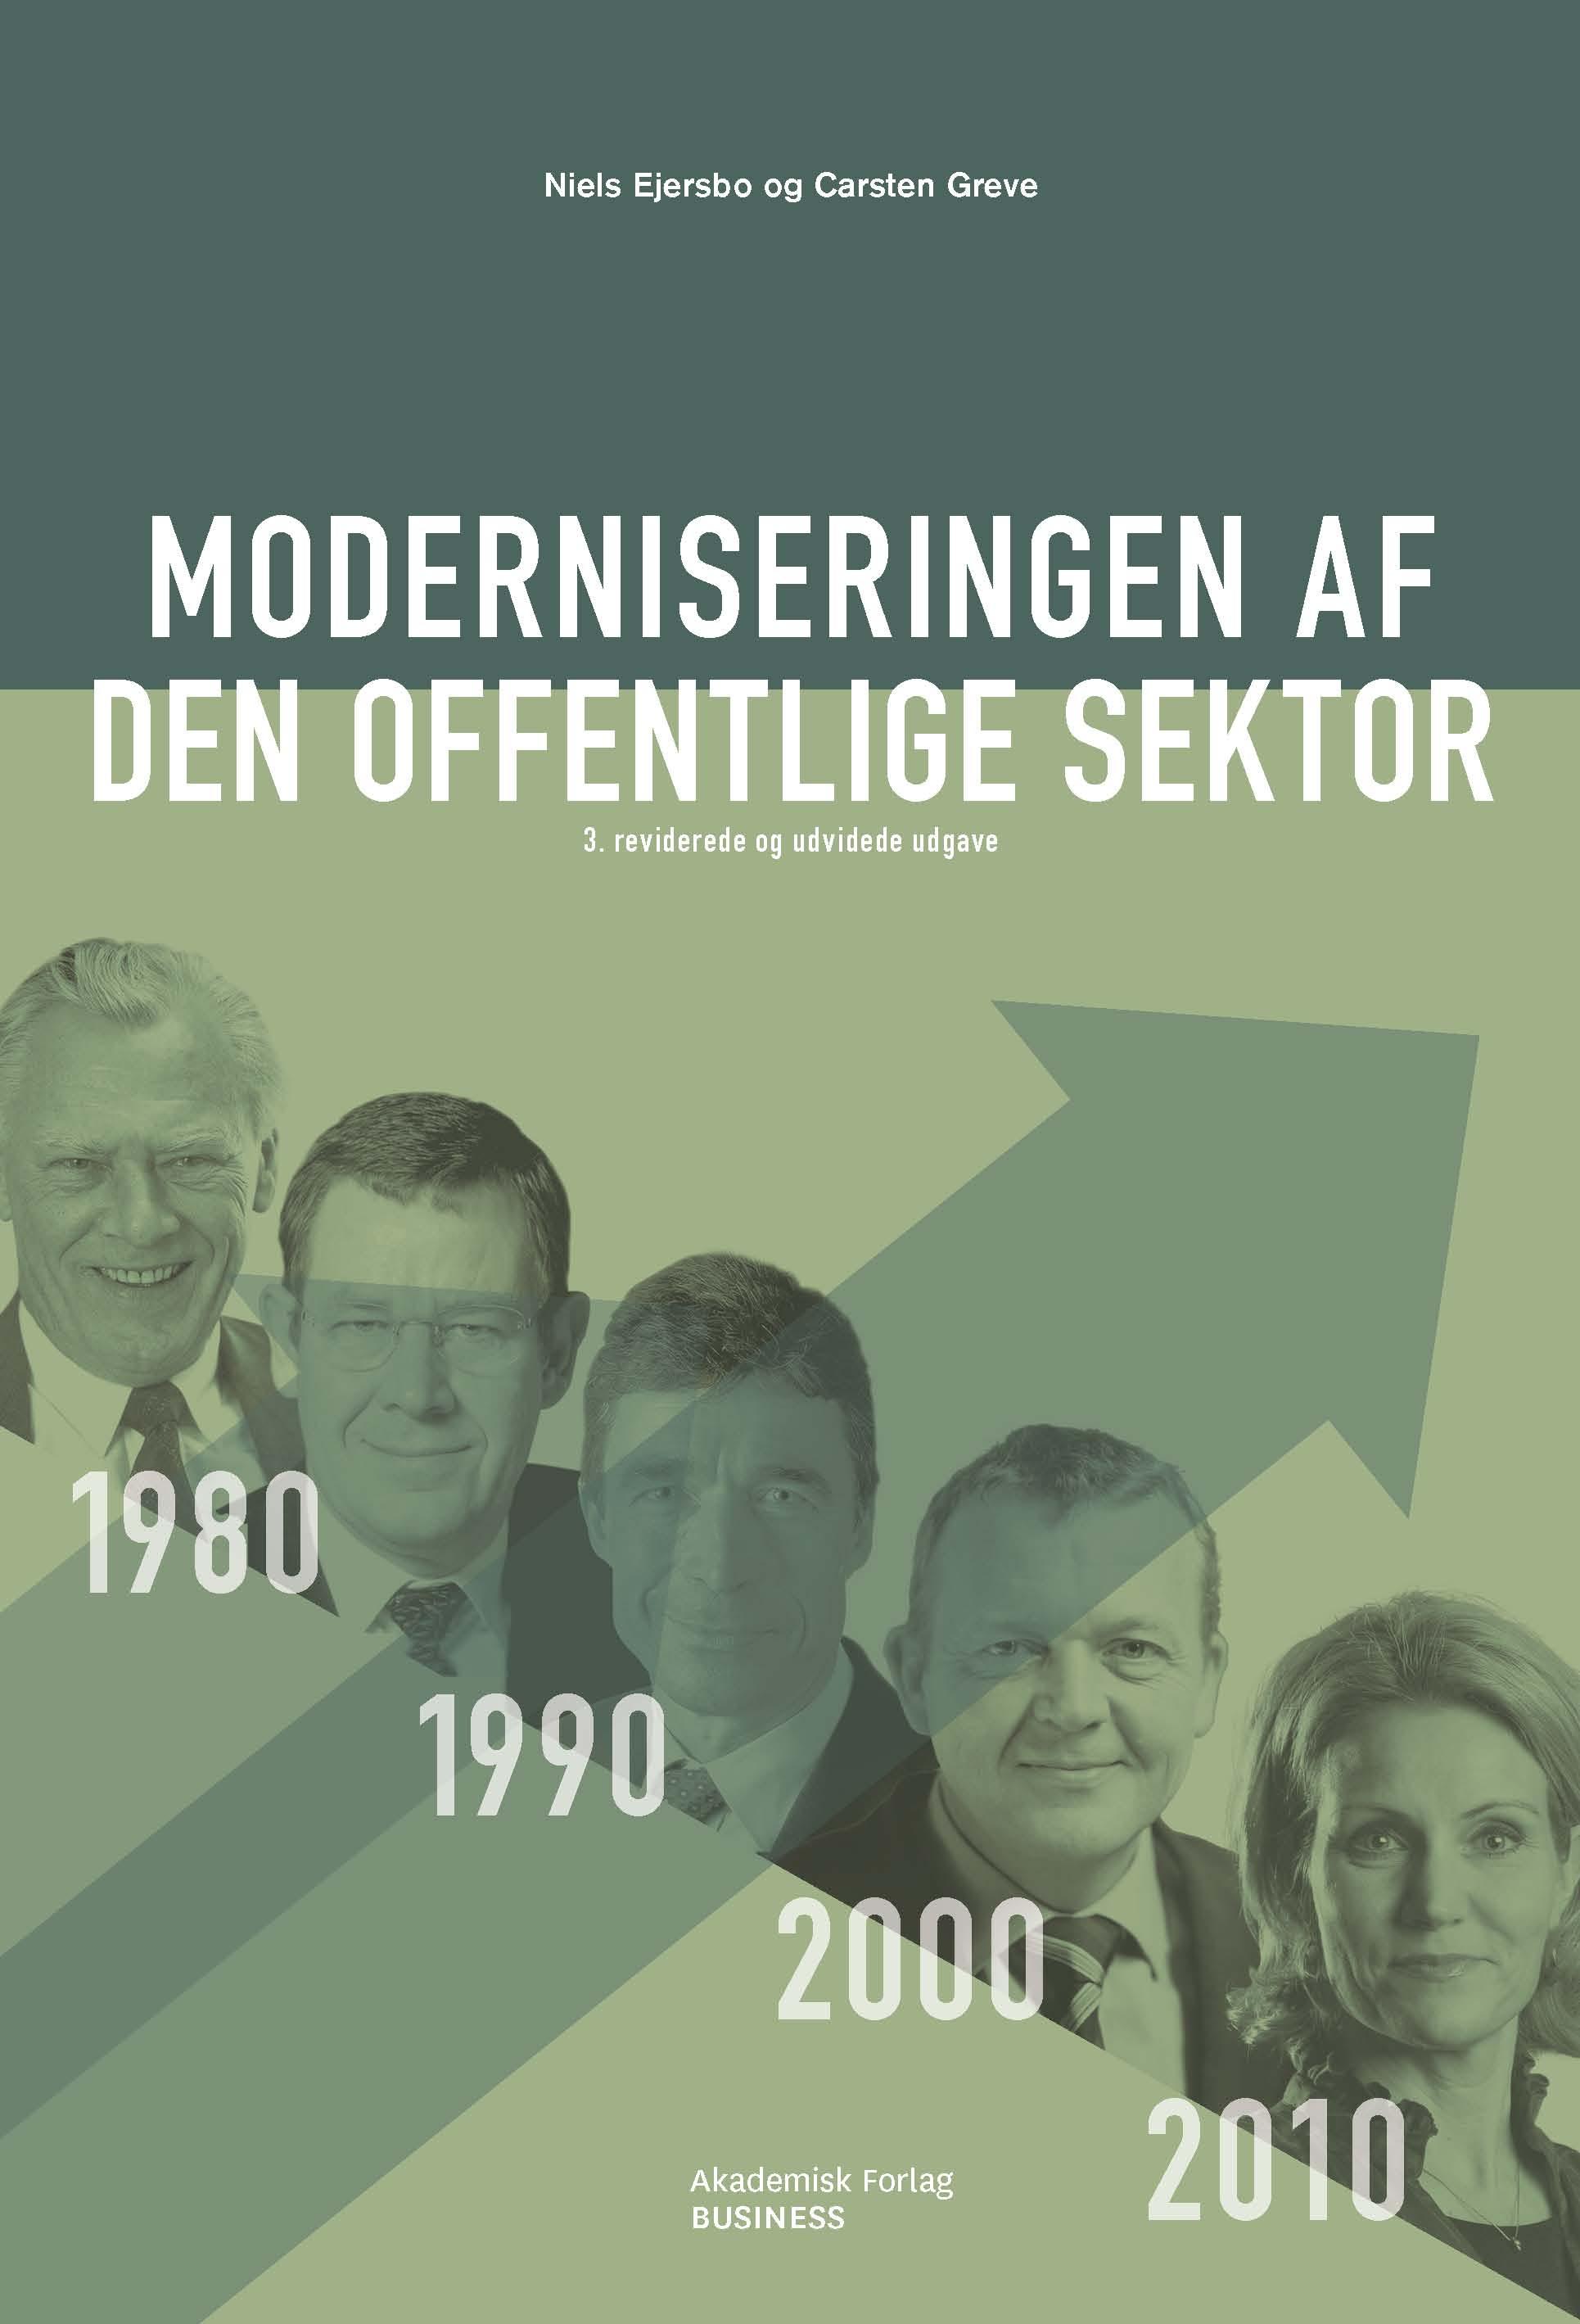 Moderniseringen af den offentlige sektor 3. opdaterede og reviderede udgave